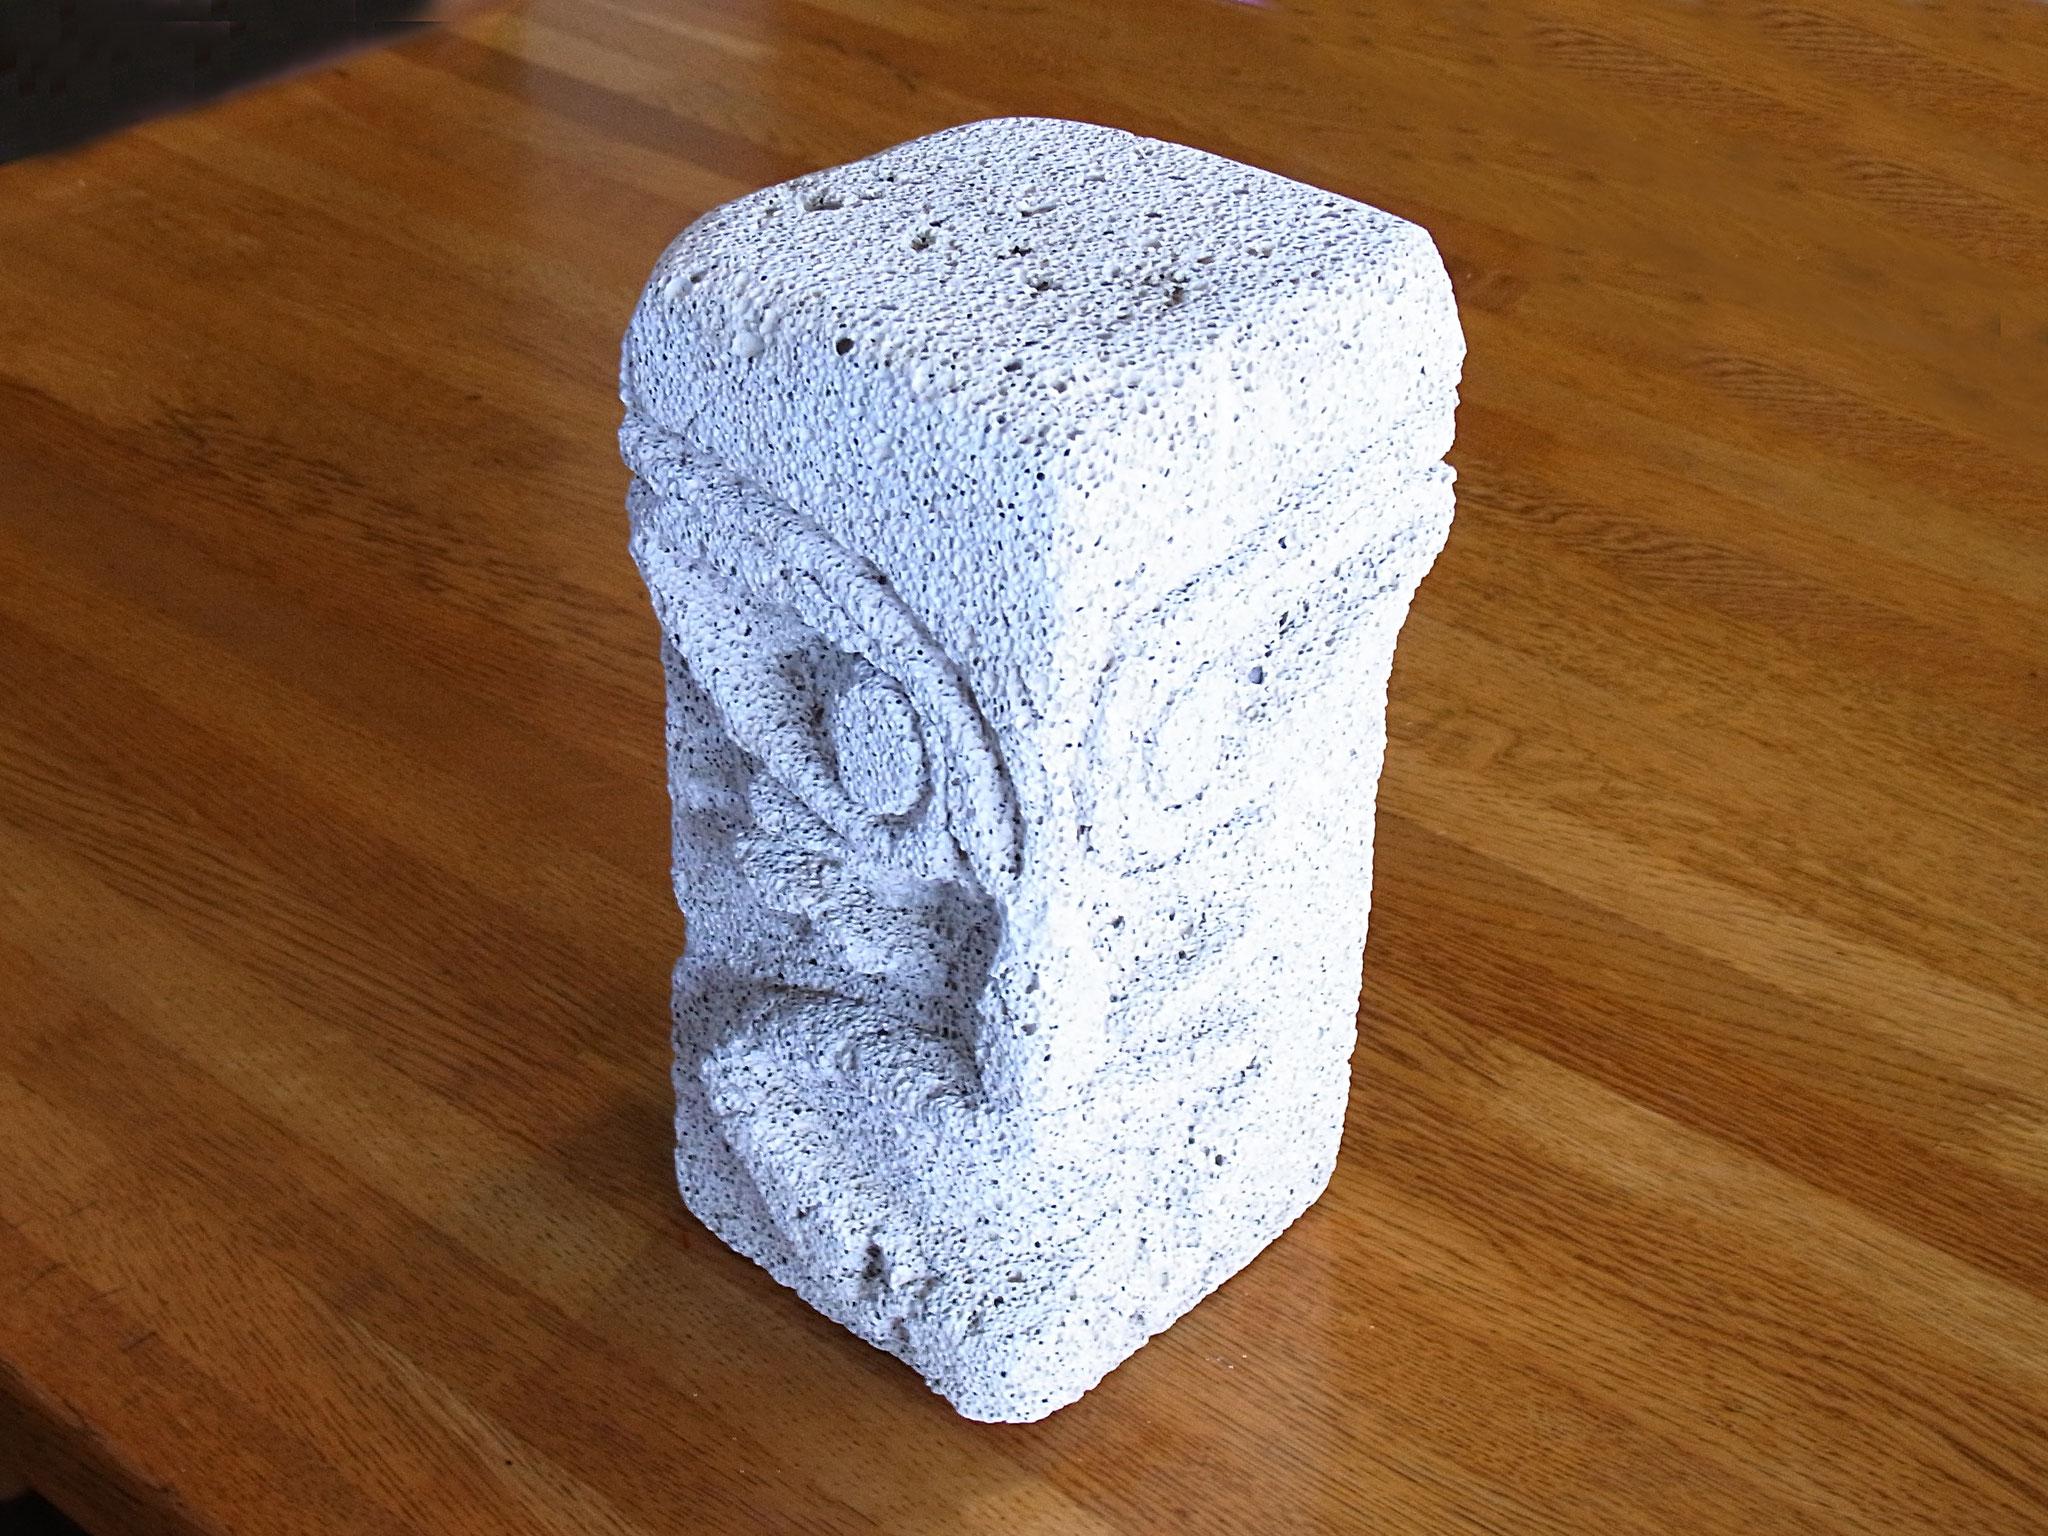 石像修復 - アクリルジェッソ